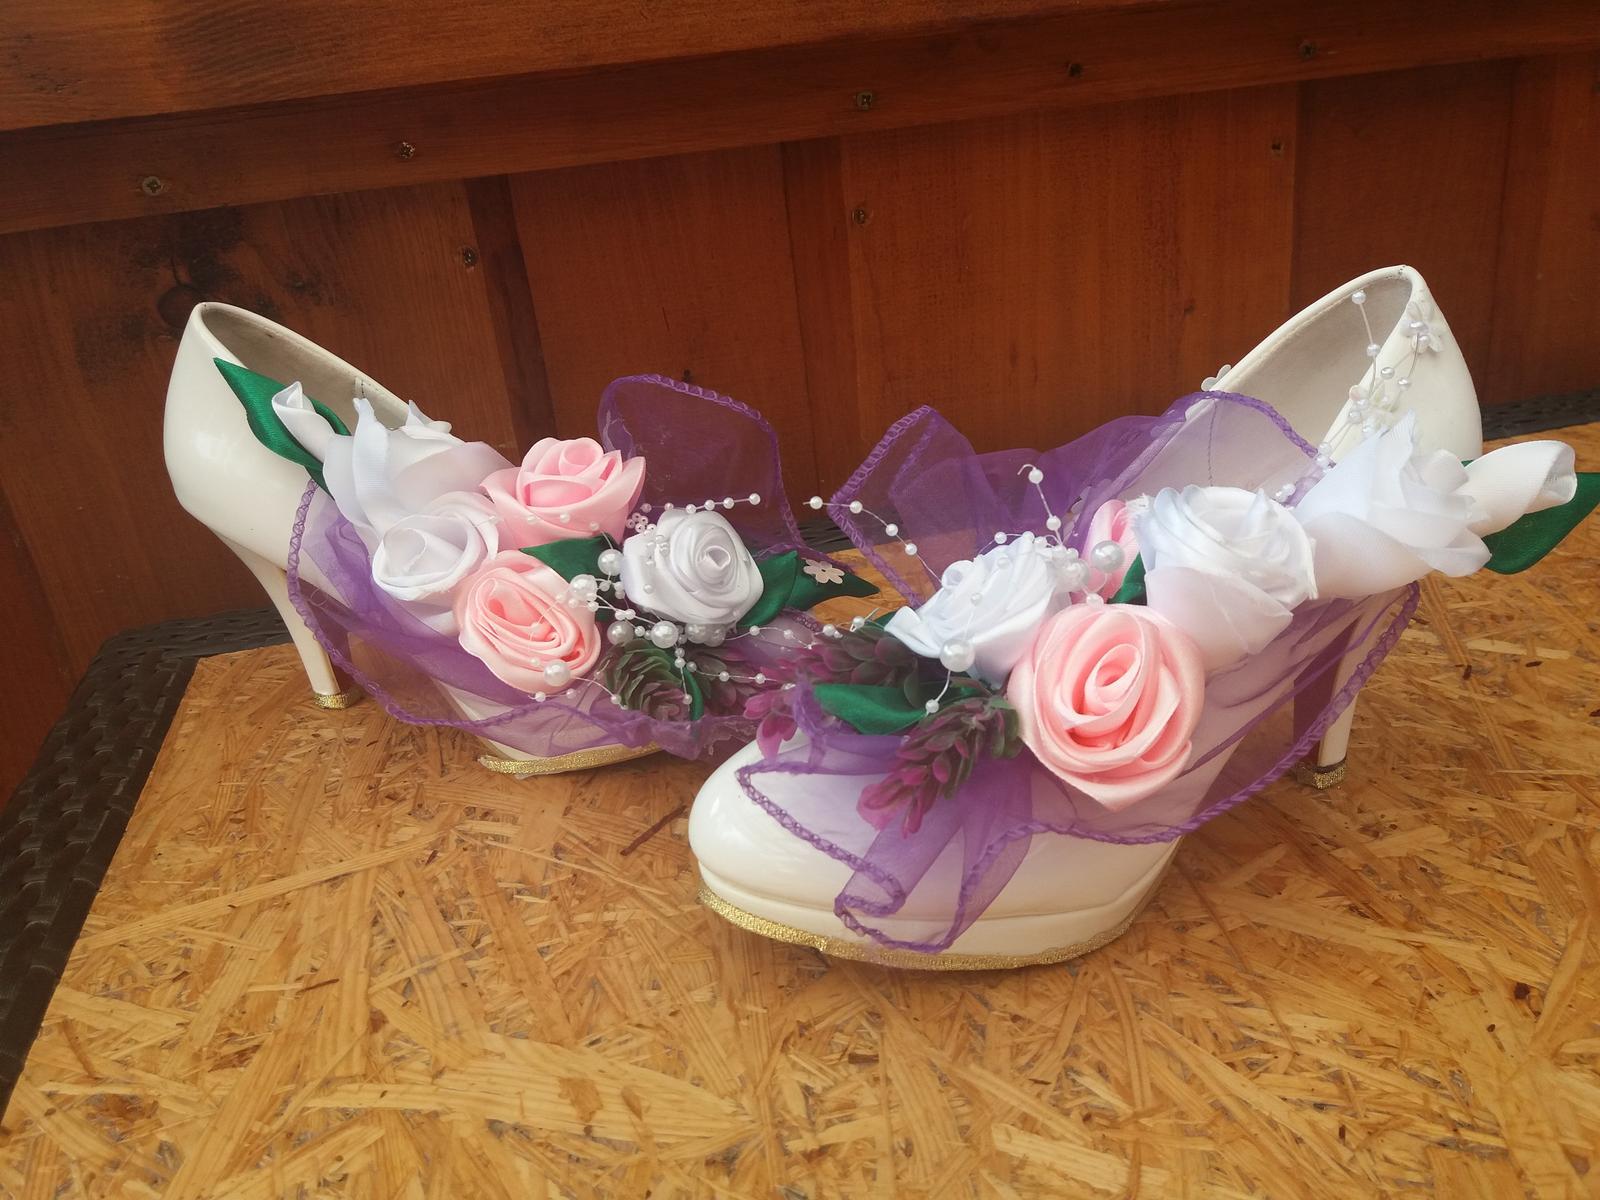 Topánky-dekorácia - Obrázok č. 1